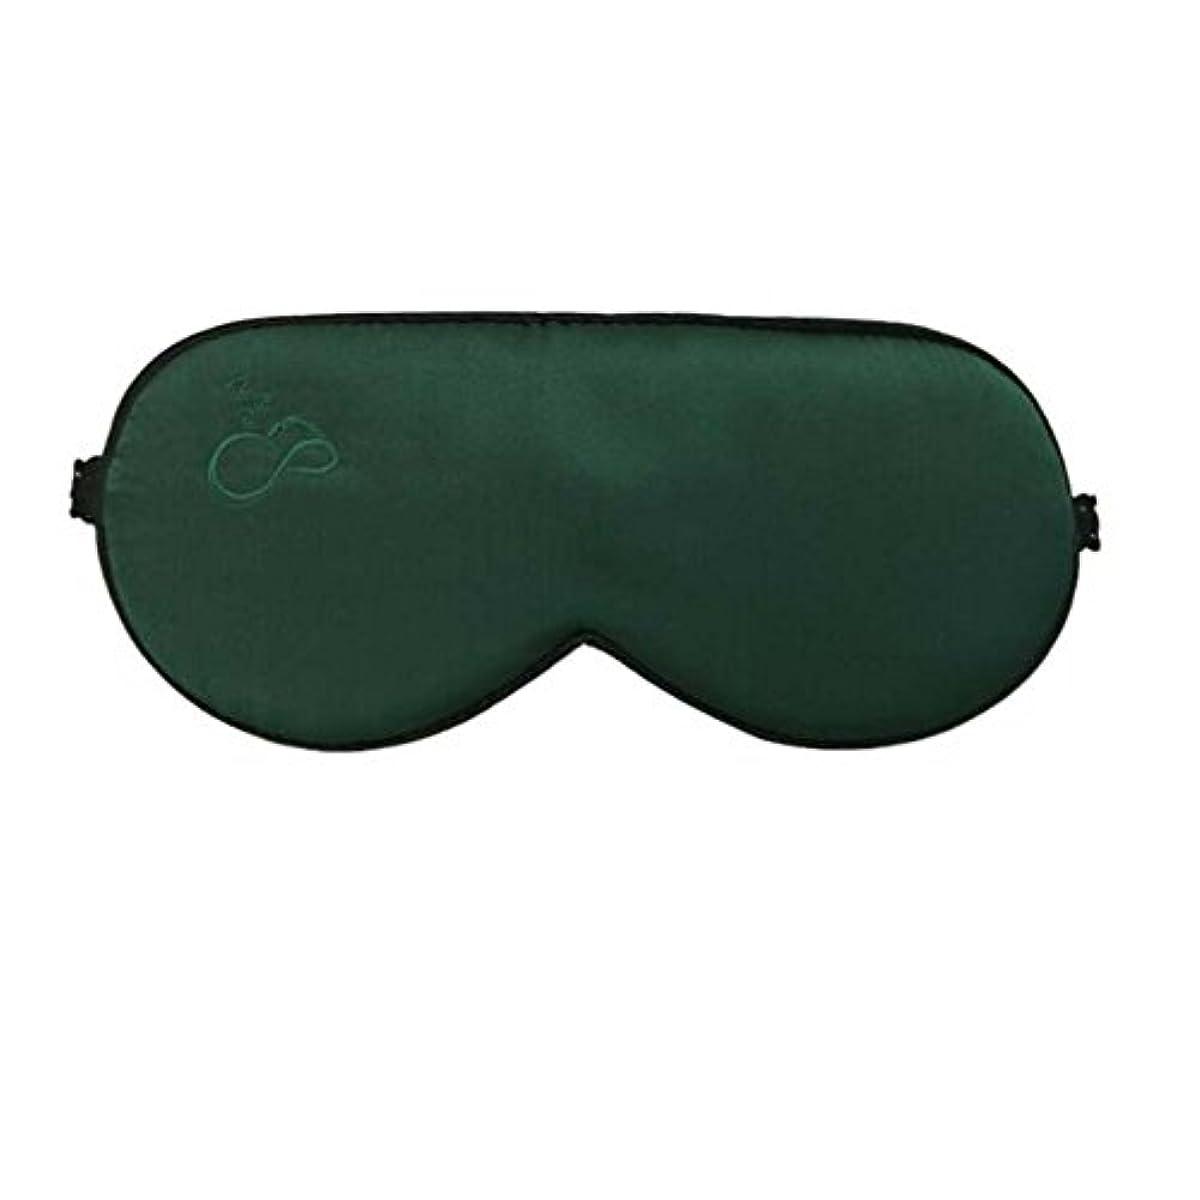 組第九グリーンソフトシルクスリープアイマスクカバー